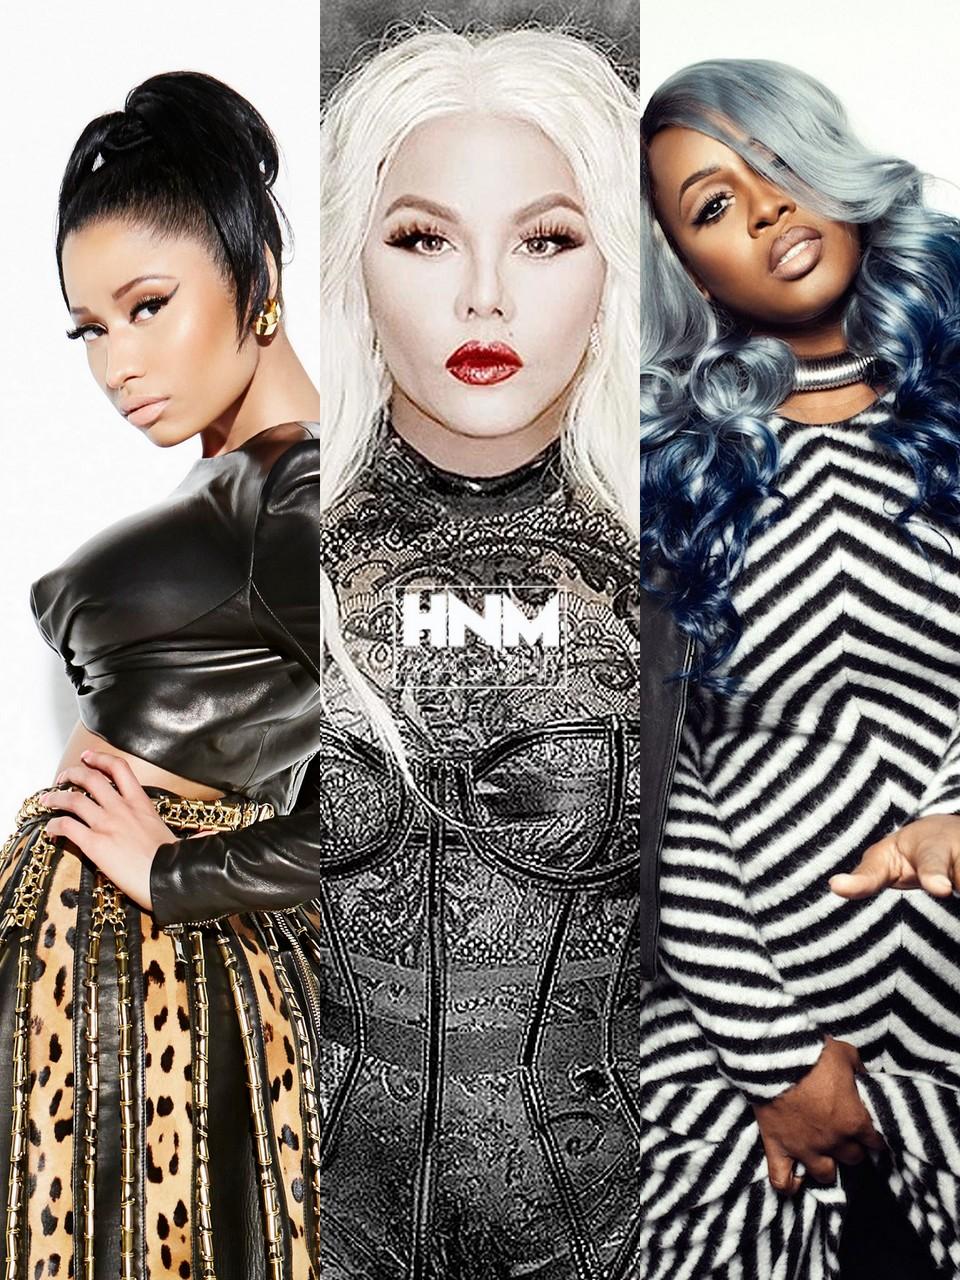 Lil' Kim s'exprime sur Nicki Minaj et RemyMa!